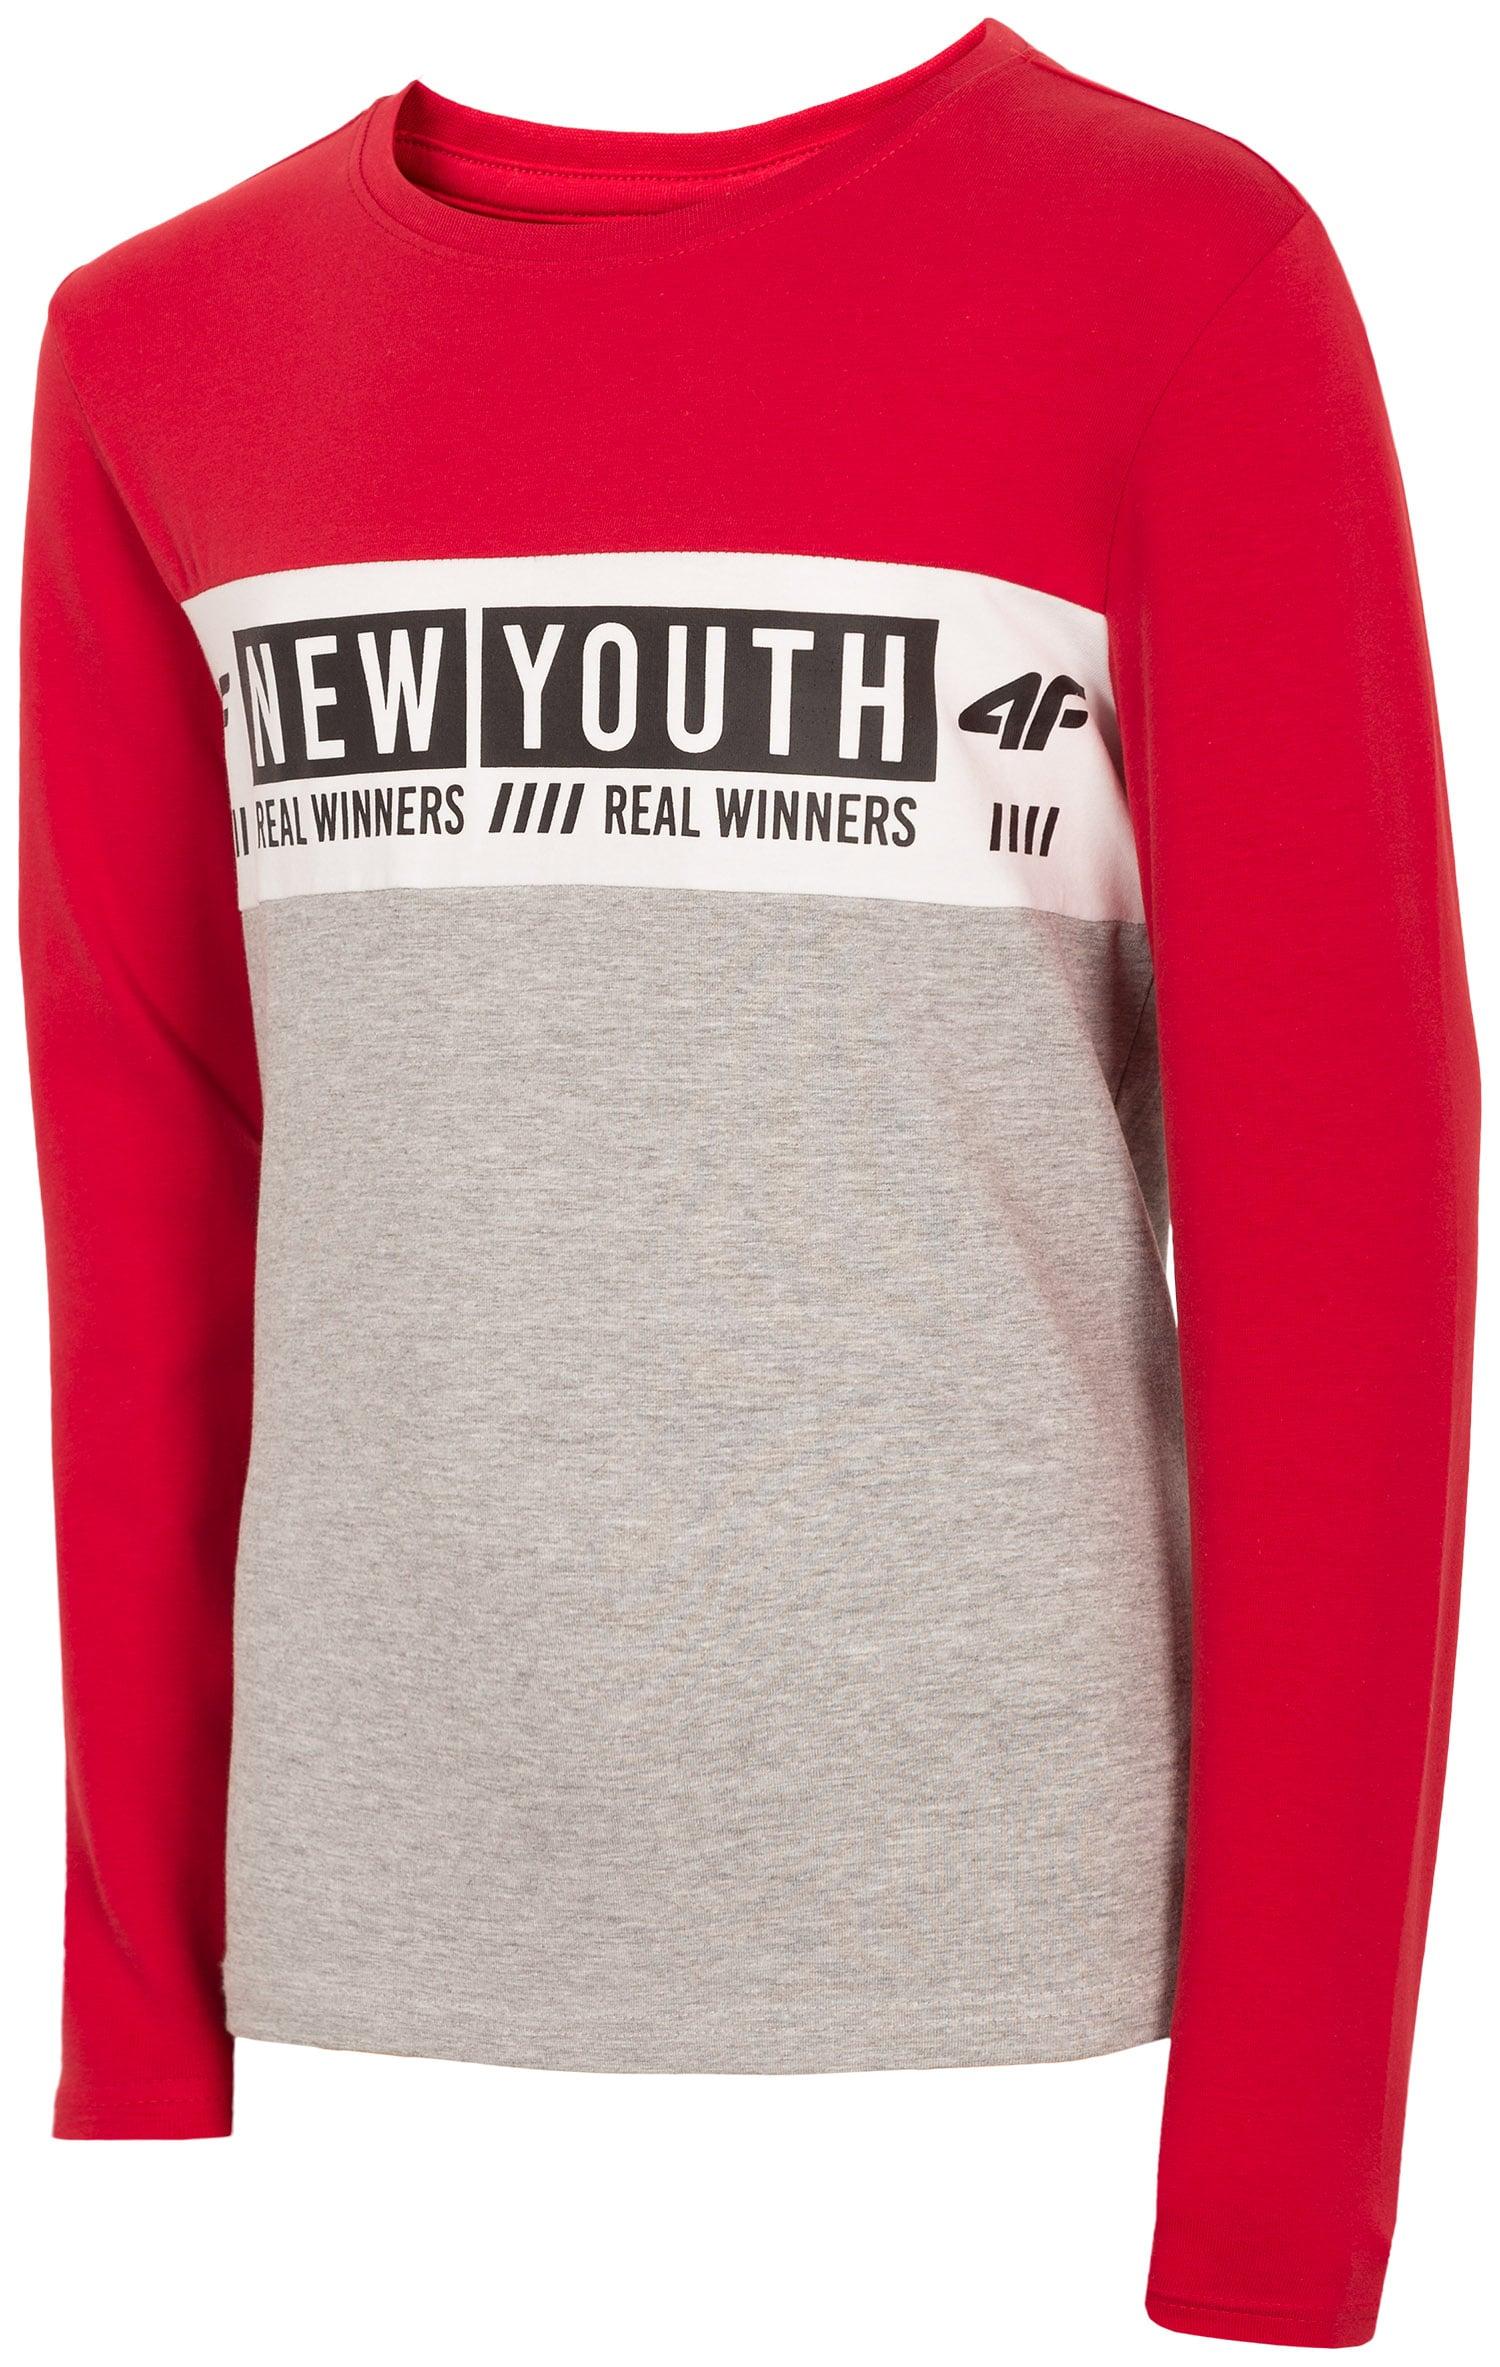 7e4ee70a5 Kupić.pl - 4F - T-shirt dla dużych dzieci (chłopców) JTSM211 - biały